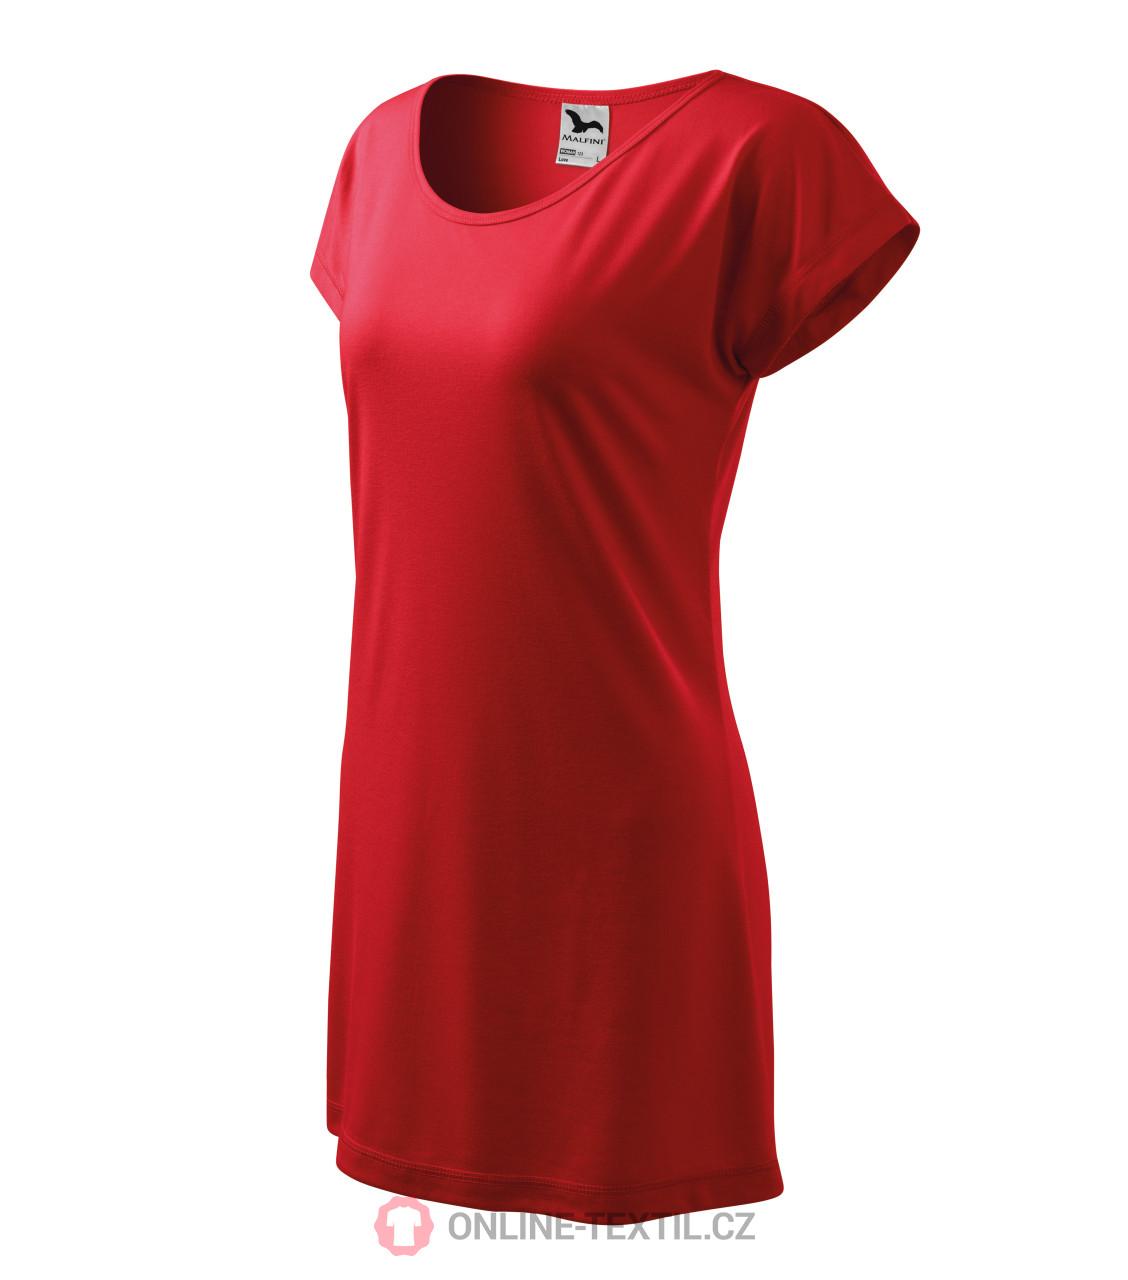 bc80943812 ADLER CZECH Love tričko šaty dámské 123 - červená z kolekce MALFINI ...